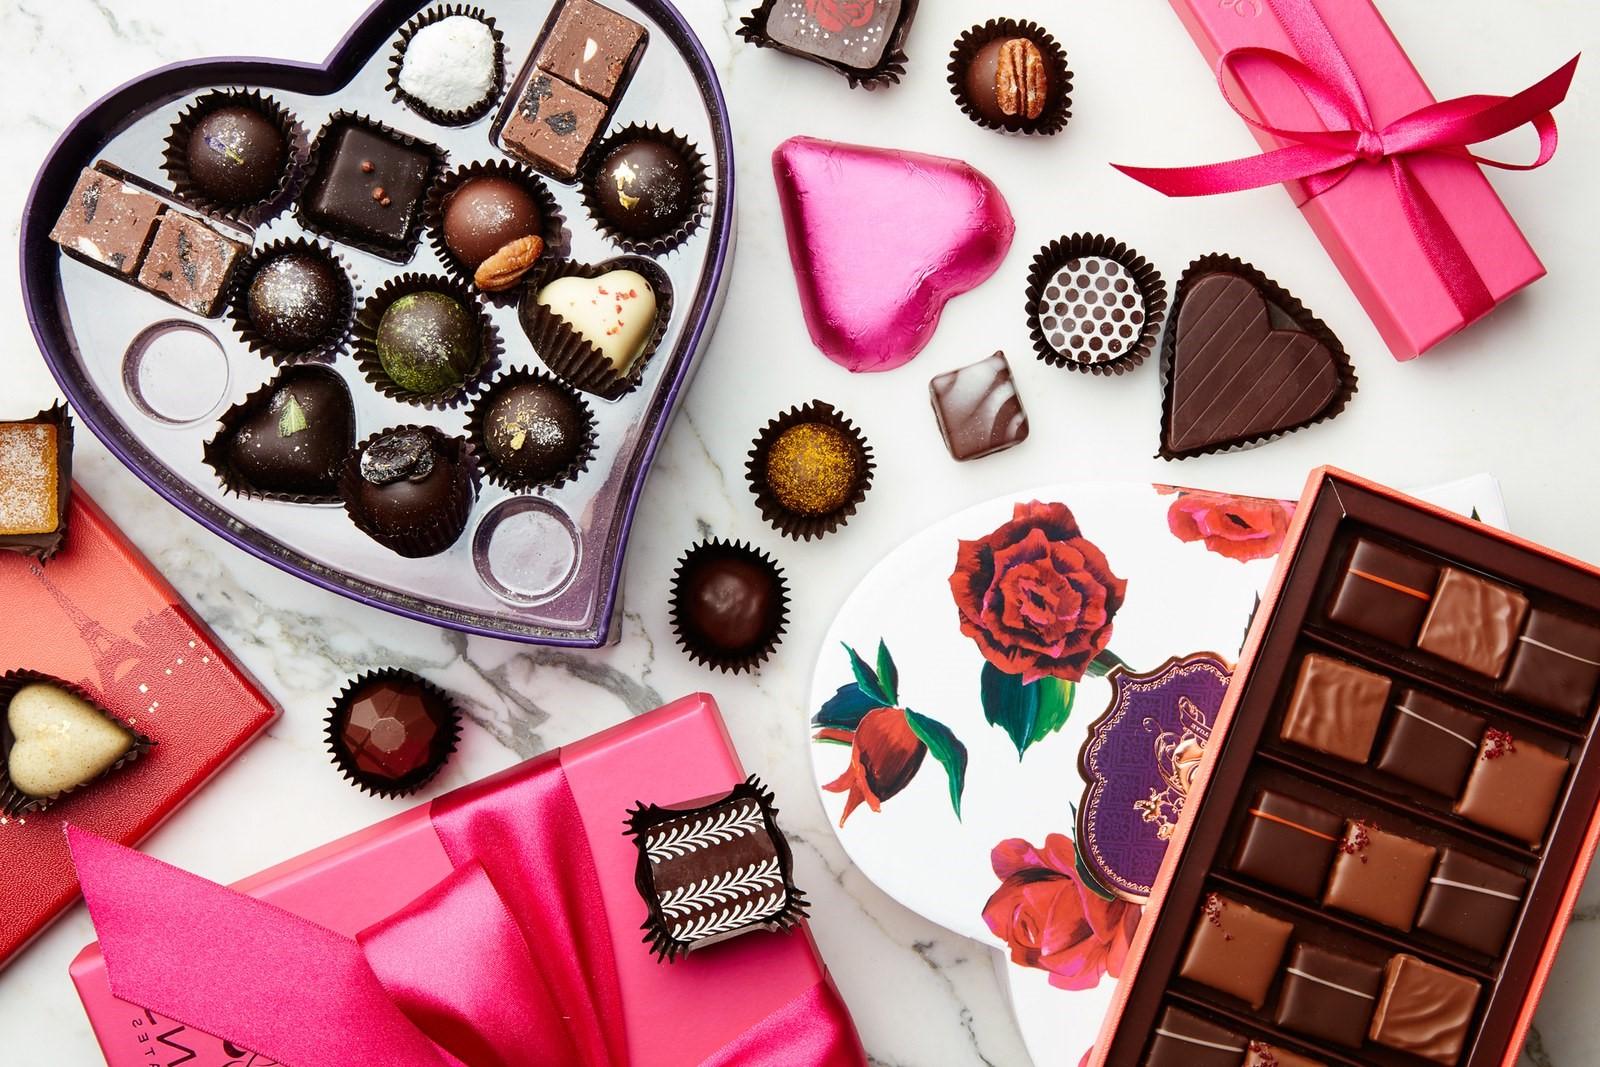 Idées de cadeau Saint Valentin pour homme: chocolat.